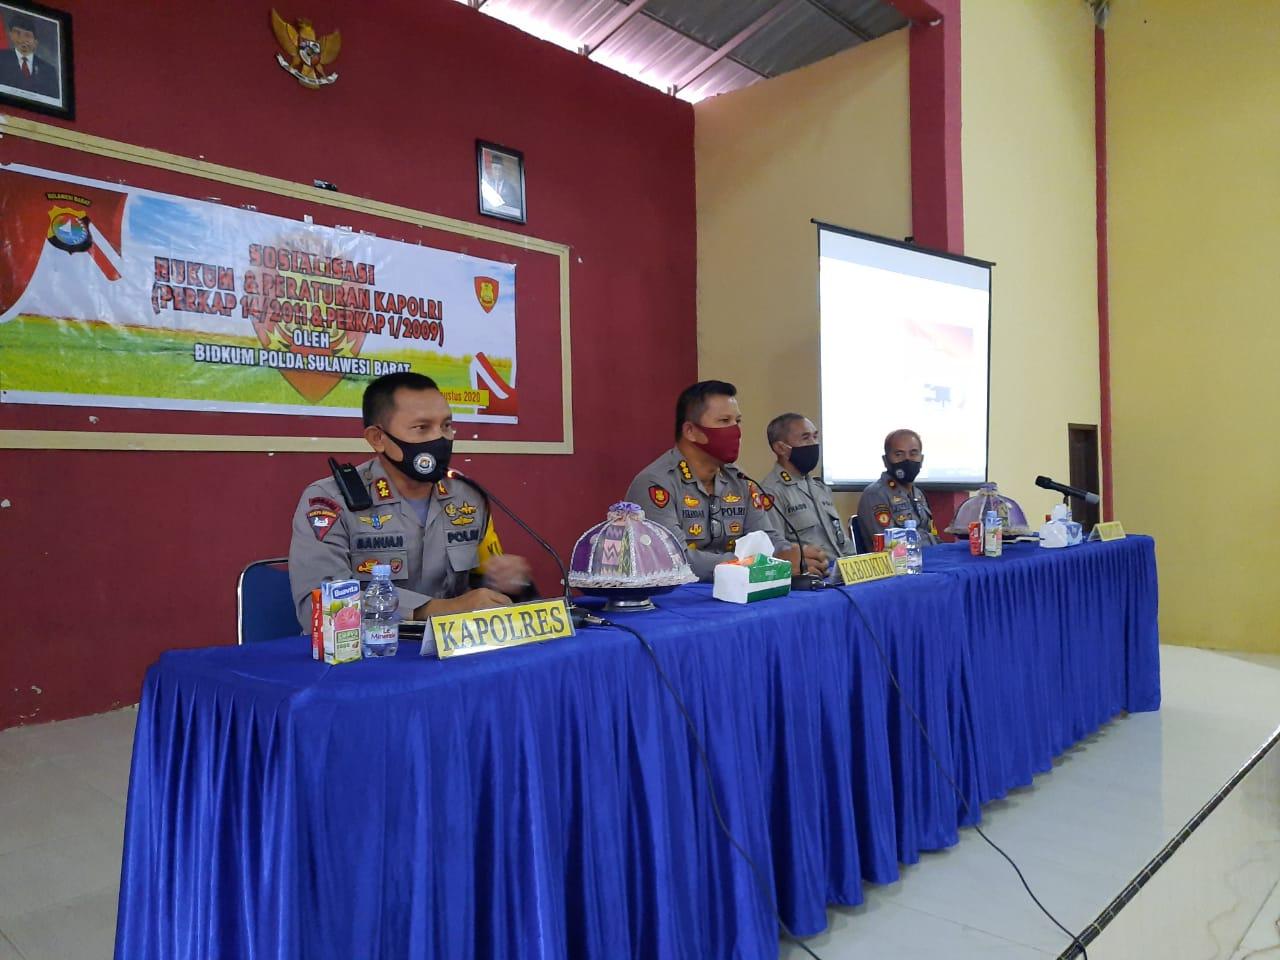 Polres Majene Ikuti Sosialisasi Hukum dan Peraturan Kapolri